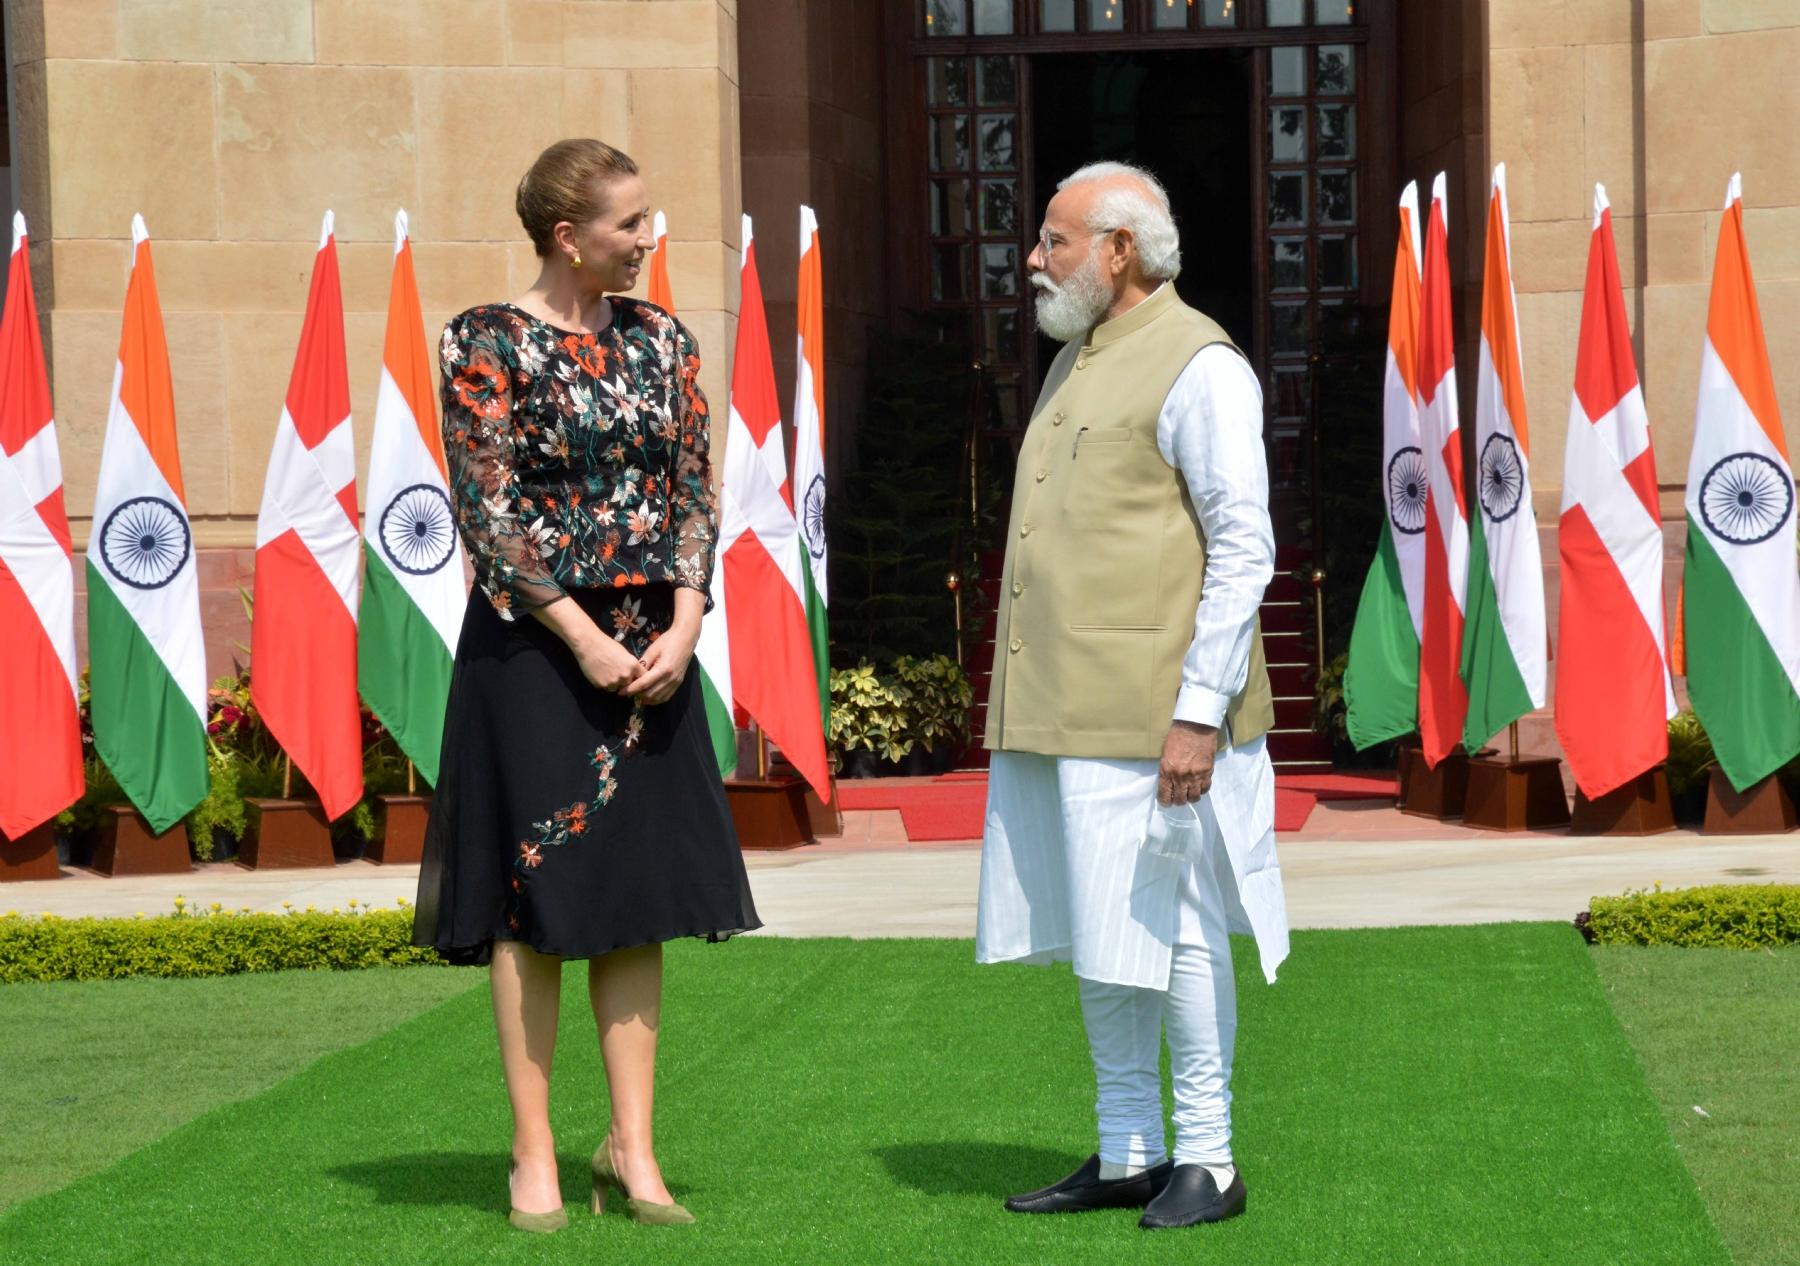 को हैदराबाद हाउस में प्रधान मंत्री नरेंद्र मोदी के साथ डेनमार्क की प्रधान मंत्री मेटे फ्रेडरिकसन की संयुक्त वक्तव्य के दौरान। फोटो गणेश बिष्ट